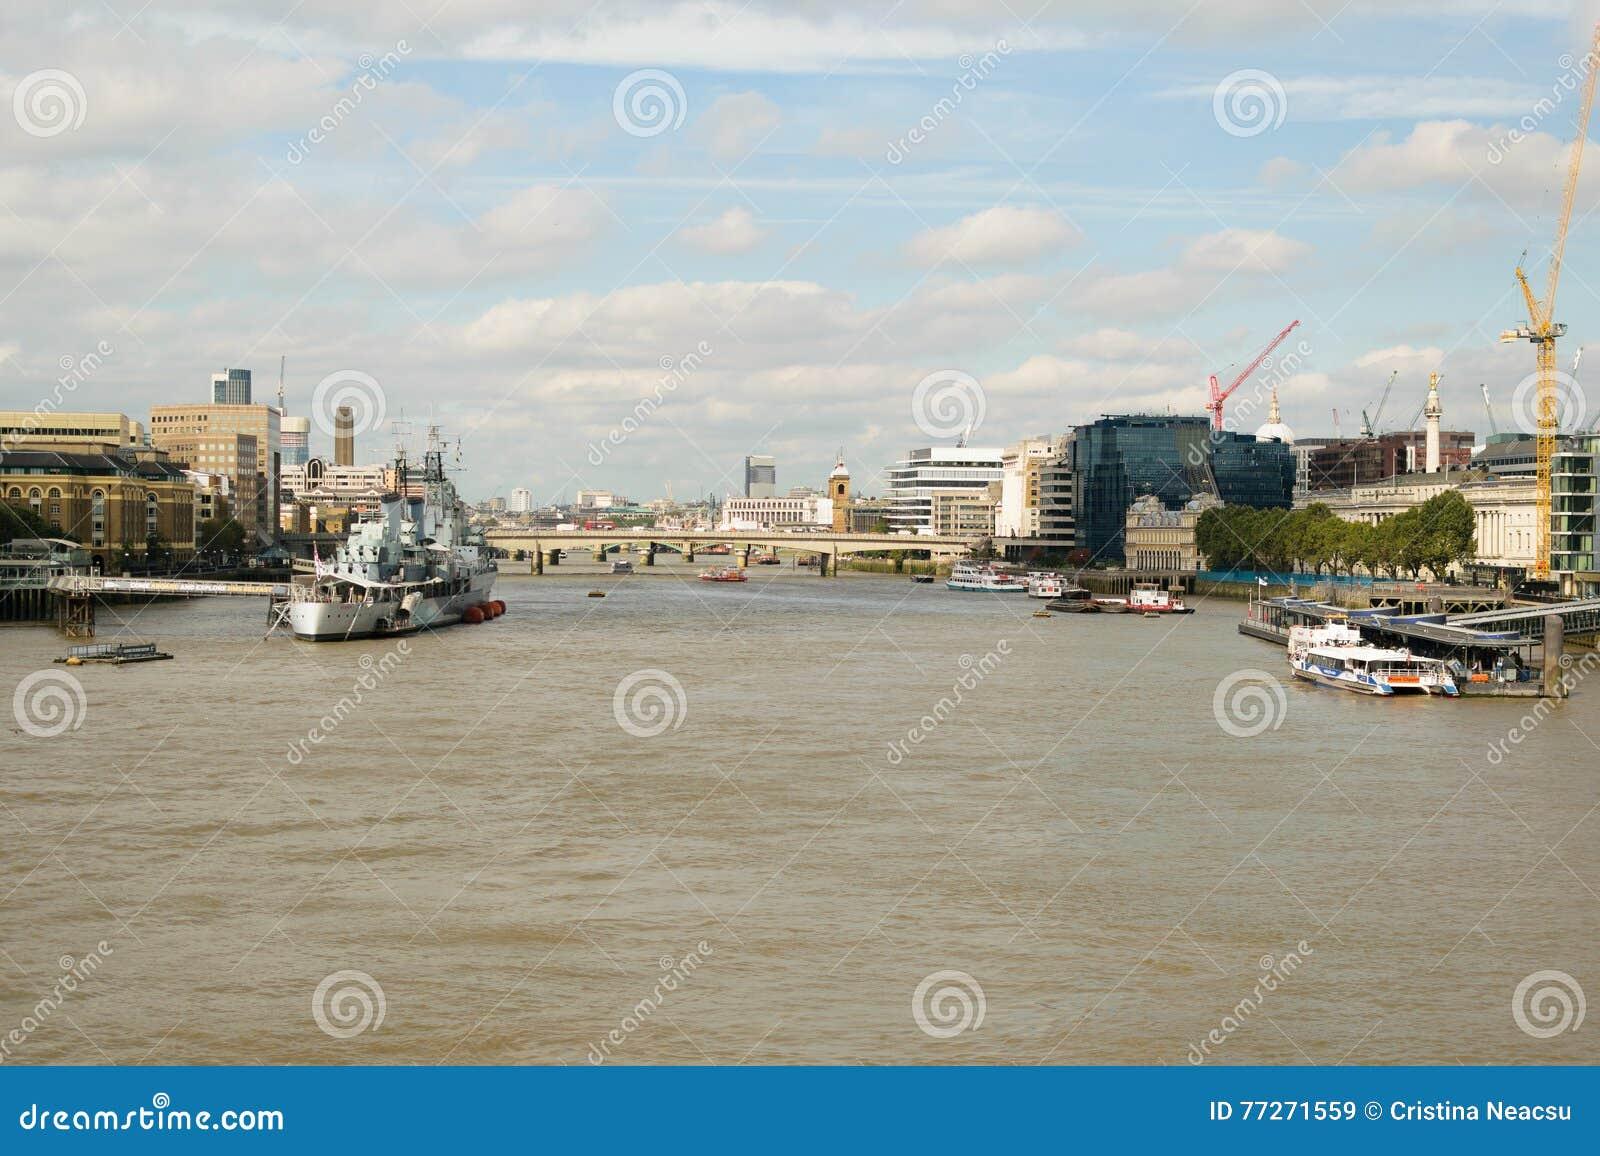 Londres R U 31 Ao T 2016 Vue De Bateau De Hms Belfast Sur La Tamise Avec La Tour Du Pont De